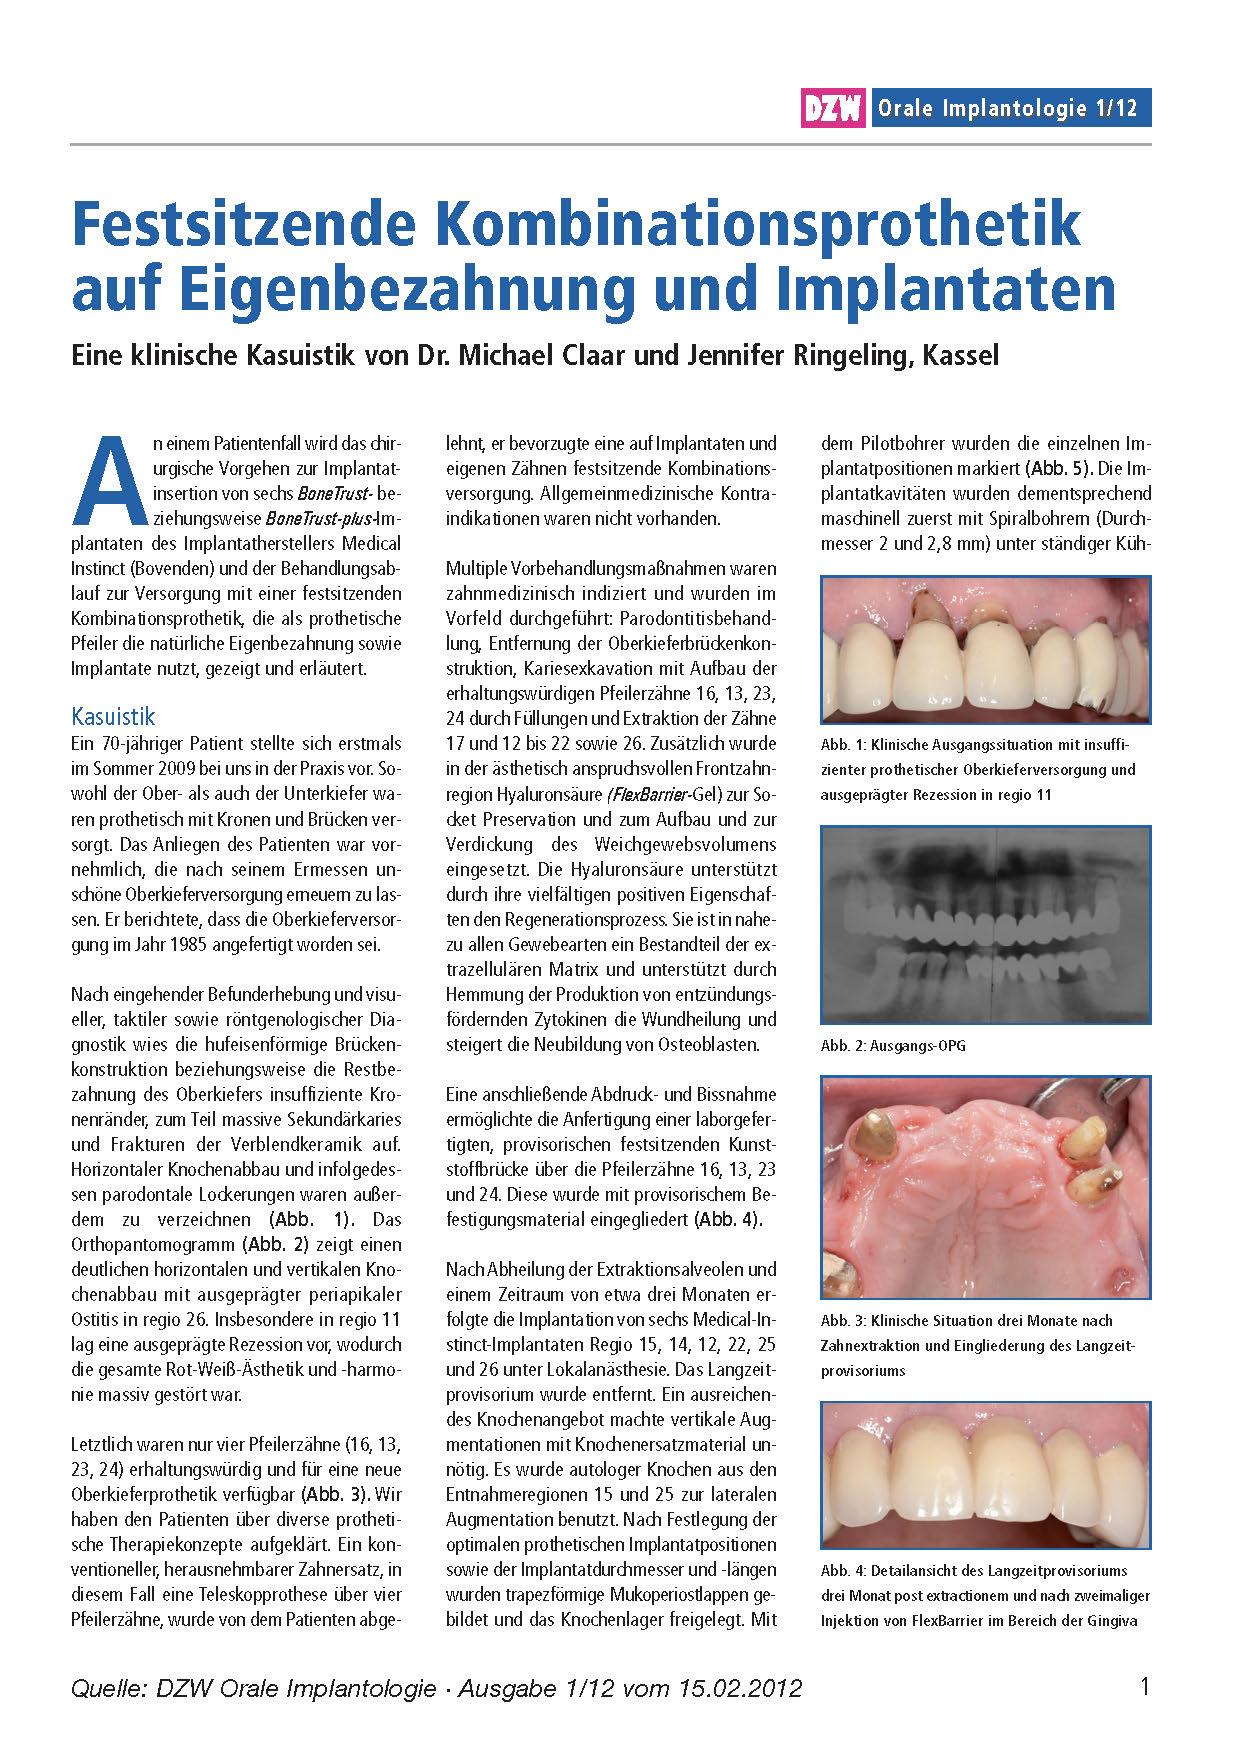 Festsitzende Kombinationsprothetik auf Eigenbezahnung und Implantaten